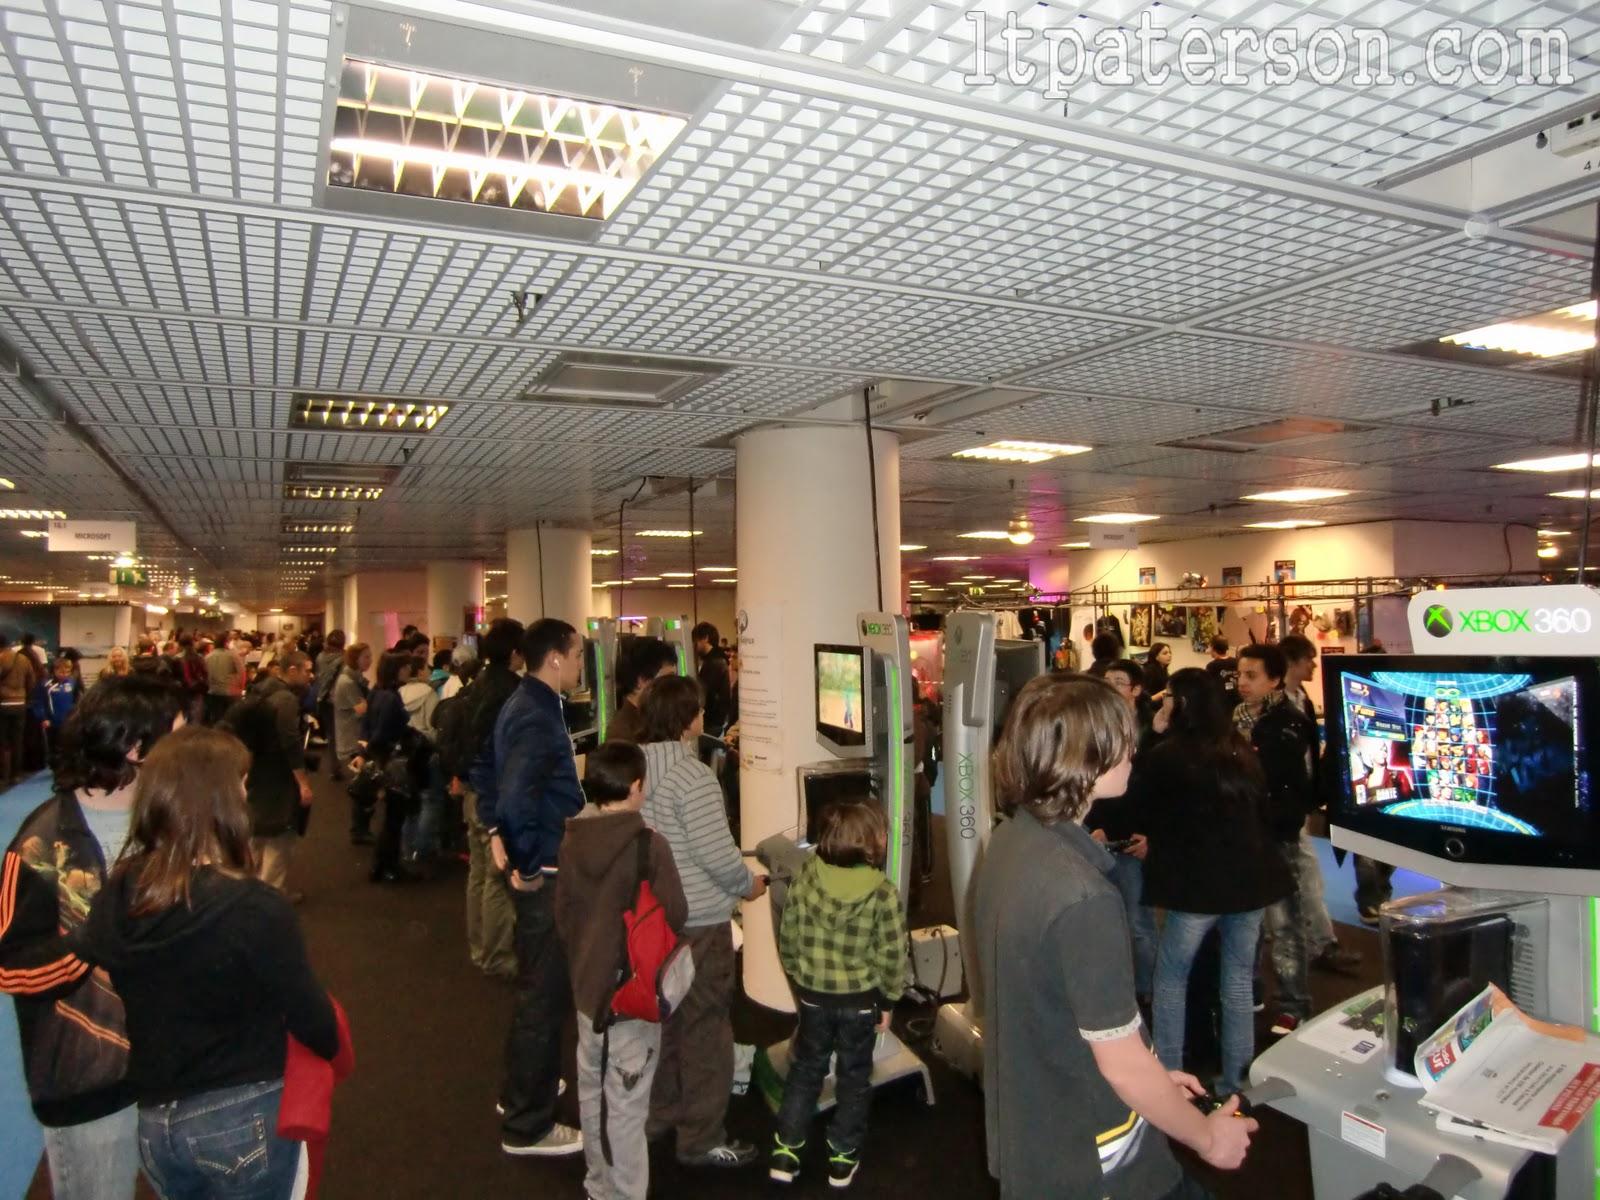 Salon du jeu cannes 2011 blog jeux video for Salon cannes